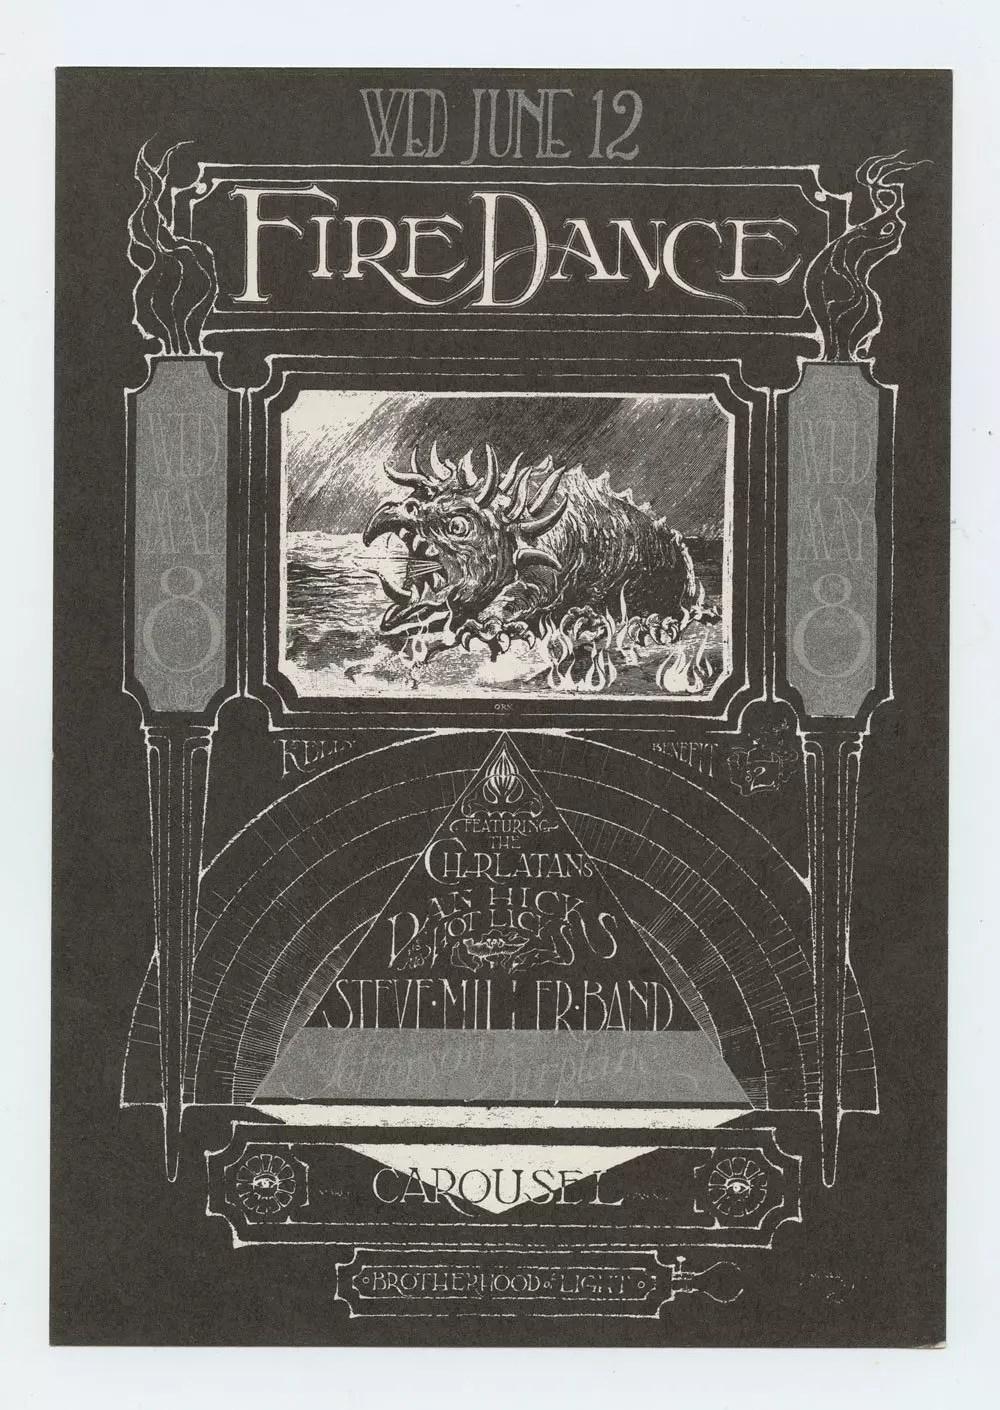 Carousel Ballroom 1968 Handbill Steve miller Band Stanley Mouse Alton Kelley AOR 182